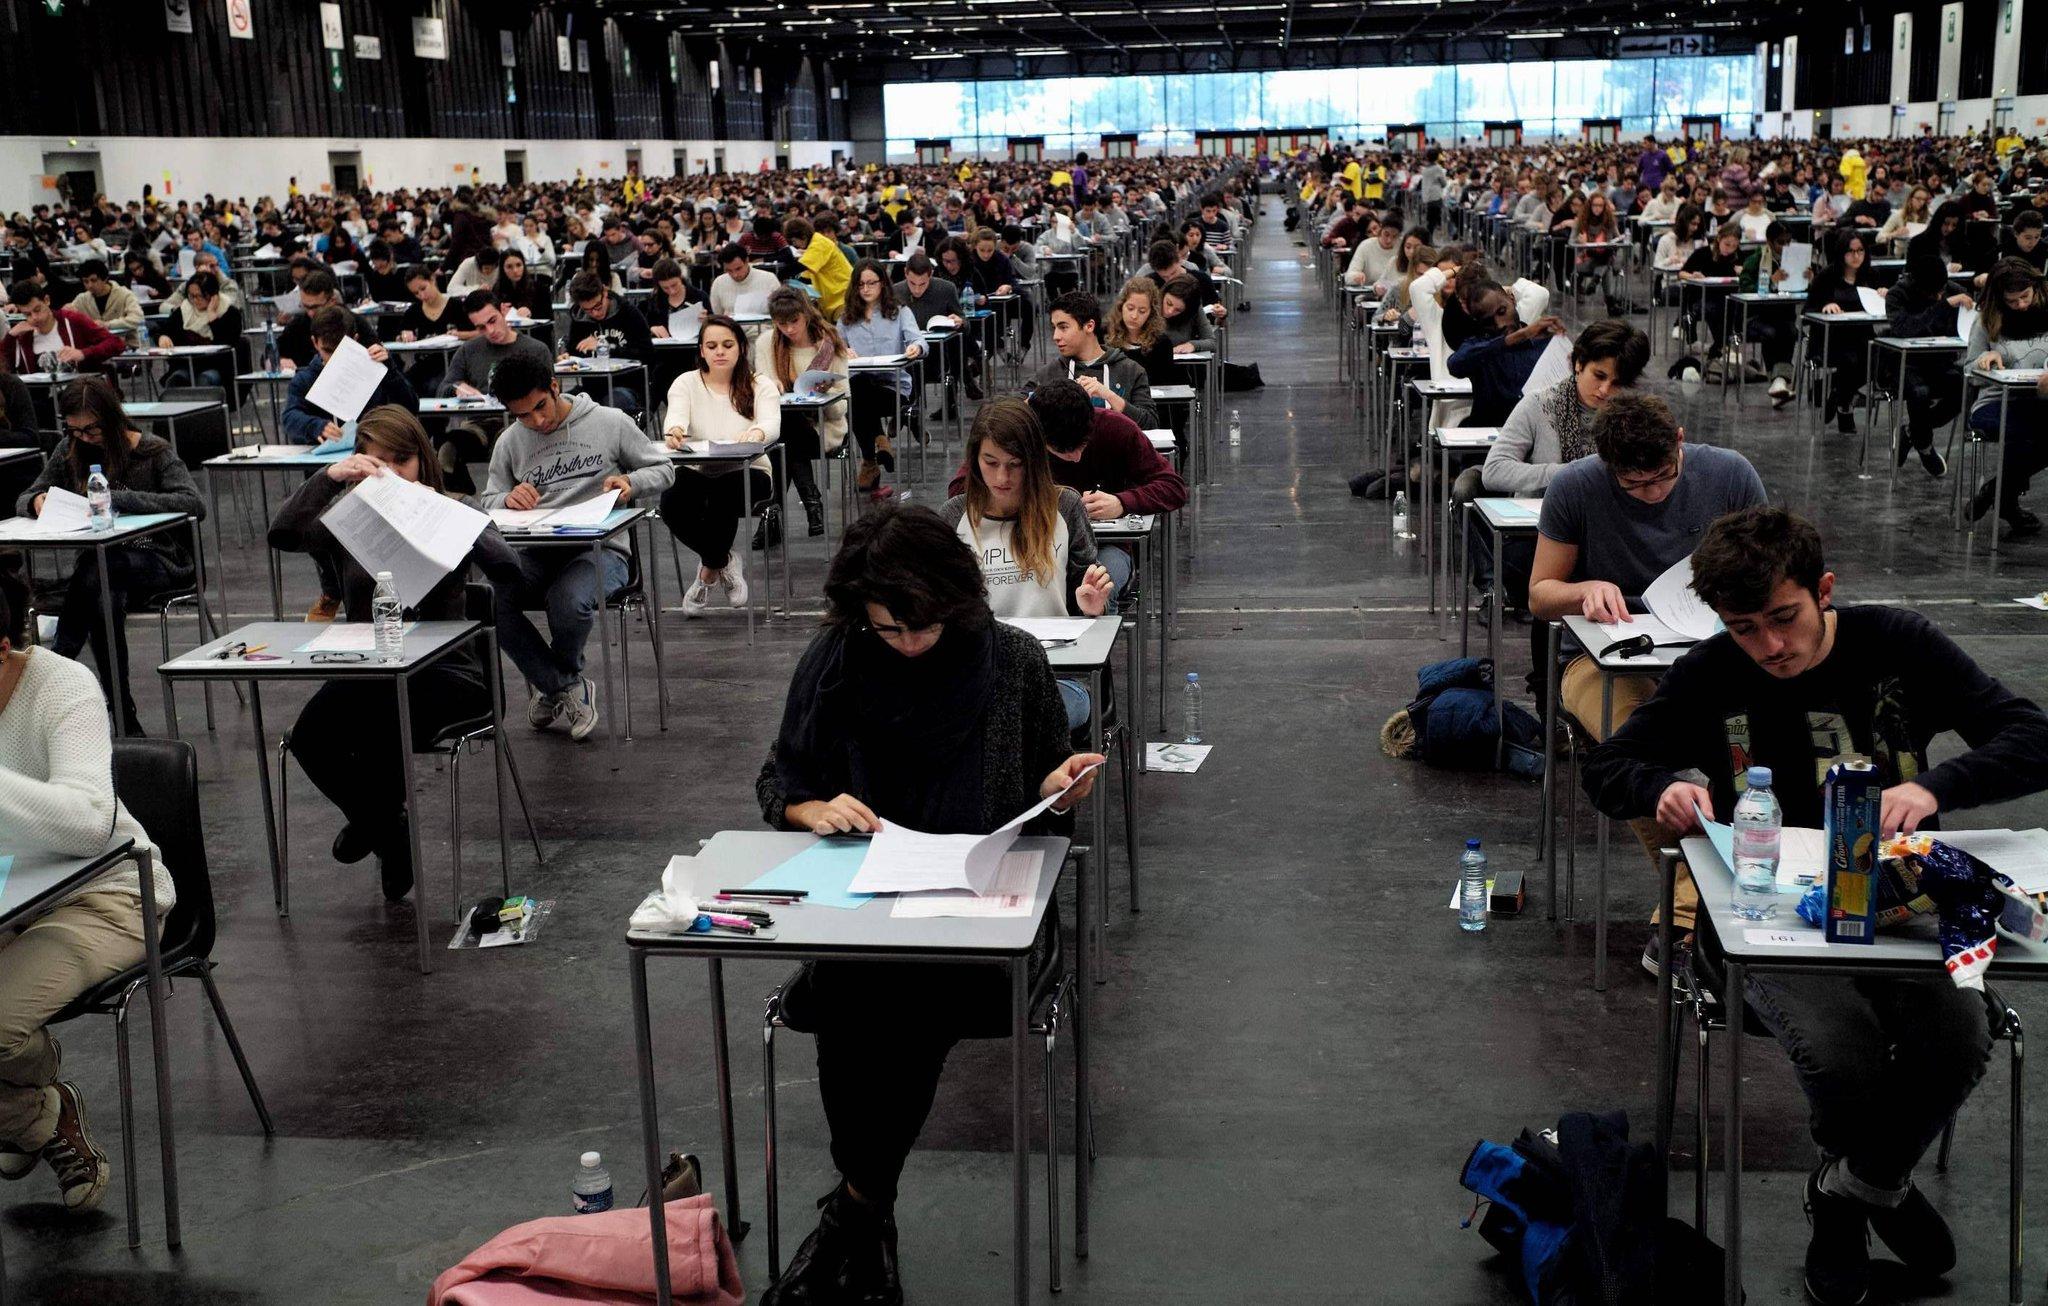 Une info pratique pour tous les étudiants lormontais. #examens #gironde #étudiants #Lormont #Gironde #Information #université twitter.com/SO_Bordeaux/st…